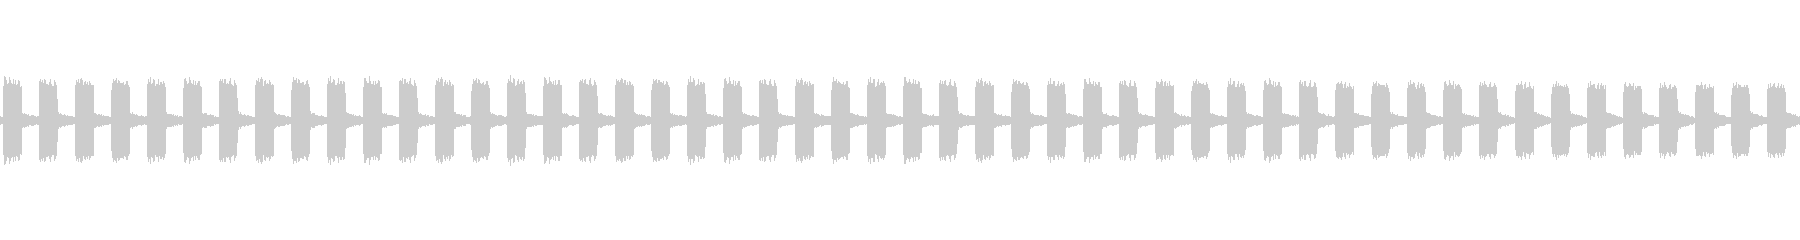 電話受信機のオフフックアラートの未再生の波形